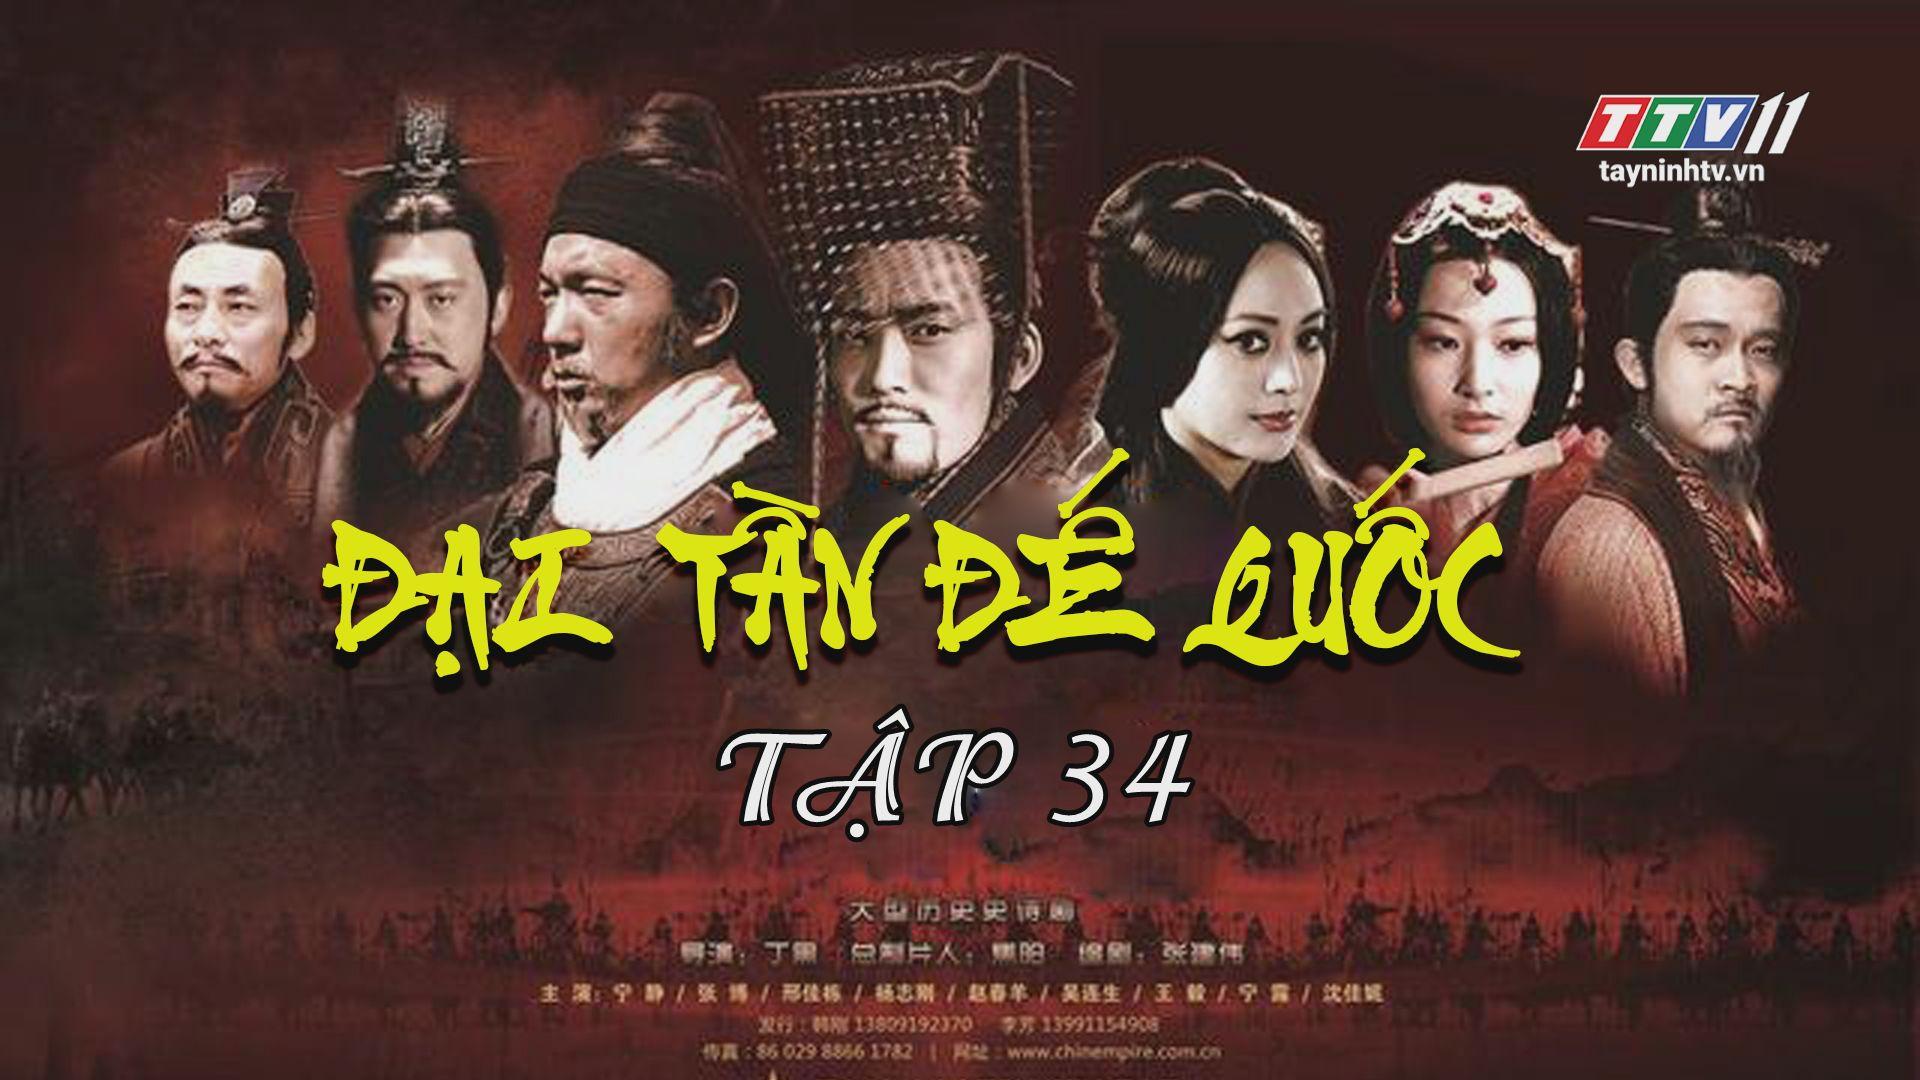 Tập 34 | ĐẠI TẦN ĐẾ QUỐC - Phần 3 - Quật khởi | TayNinhTV